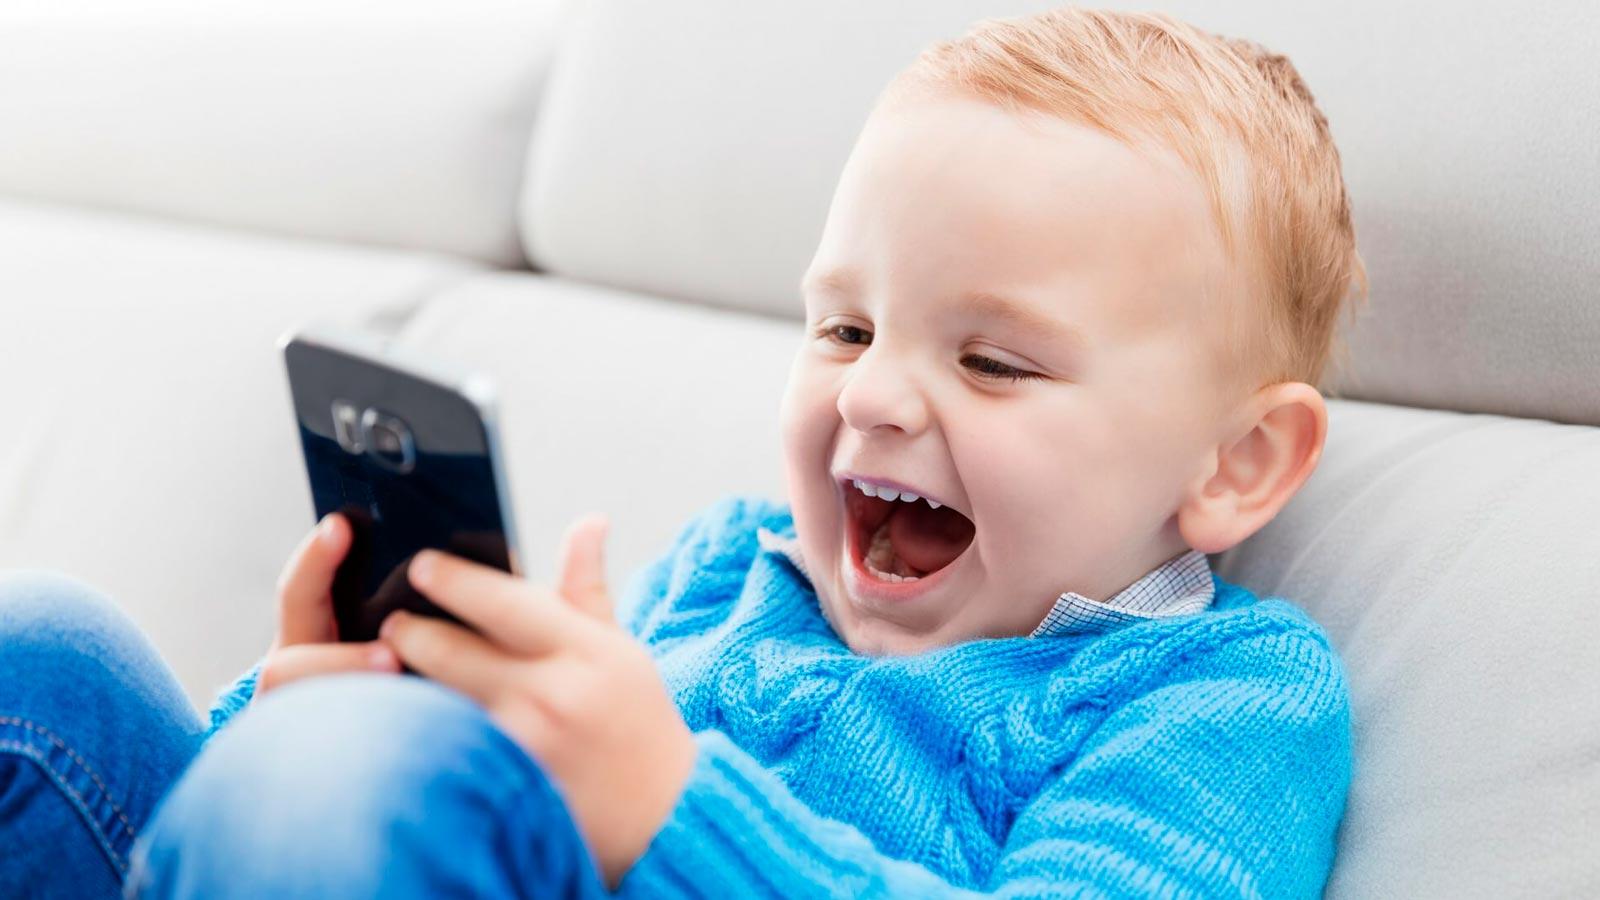 Влияние гаджетов на психику ребенка